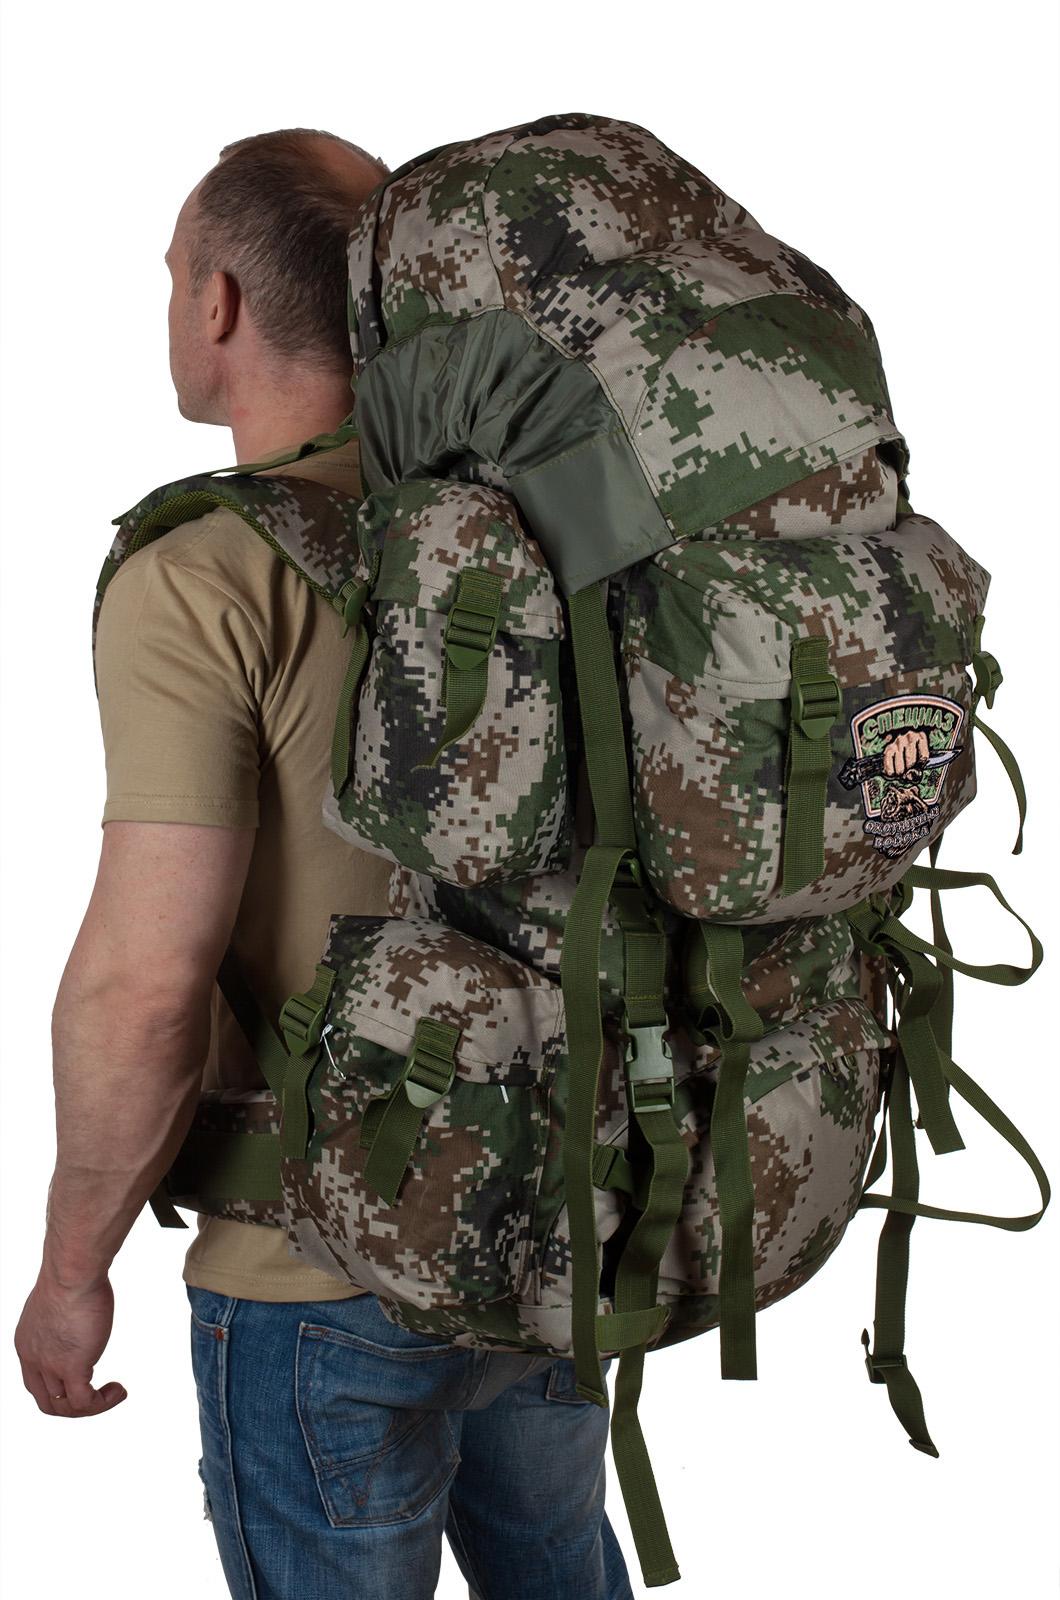 Эргономичный вместительный рюкзак с нашивкой Охотничий Спецназ - заказать по низкой цене